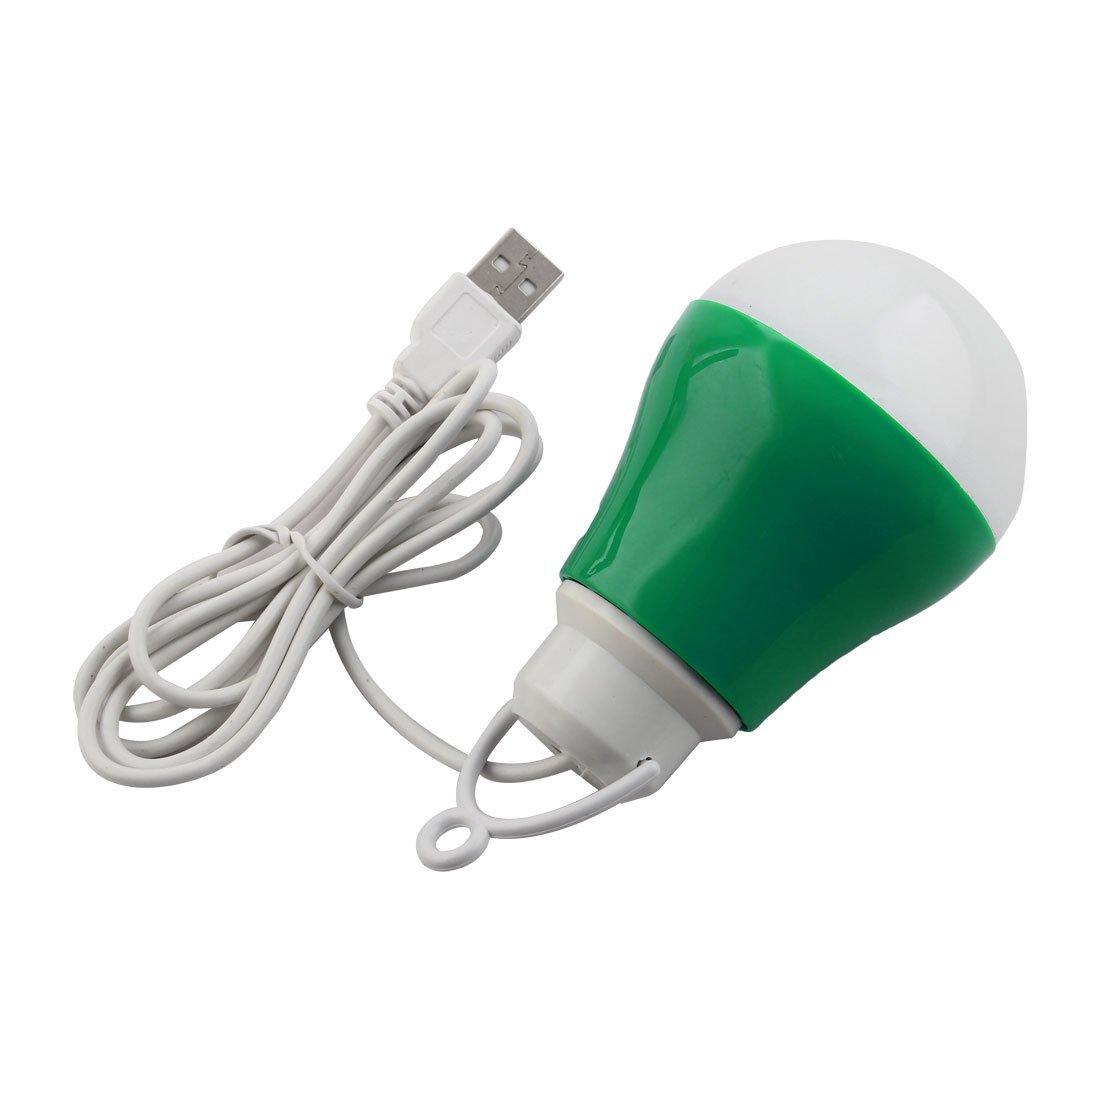 eDealMax DC3-12V 5w luz de la noche lámpara que acampa Aparición del bulbo cable USB de alimentación 2 Pcs verde - - Amazon.com